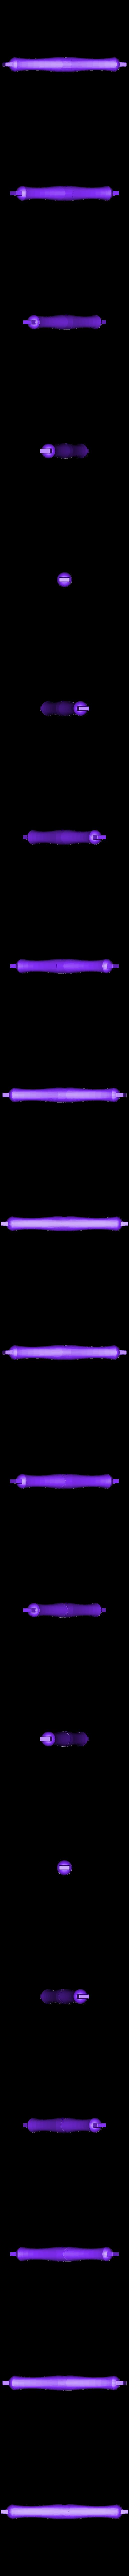 midel part.STL Télécharger fichier STL gratuit scie de camping • Objet pour impression 3D, saeedyouhannae